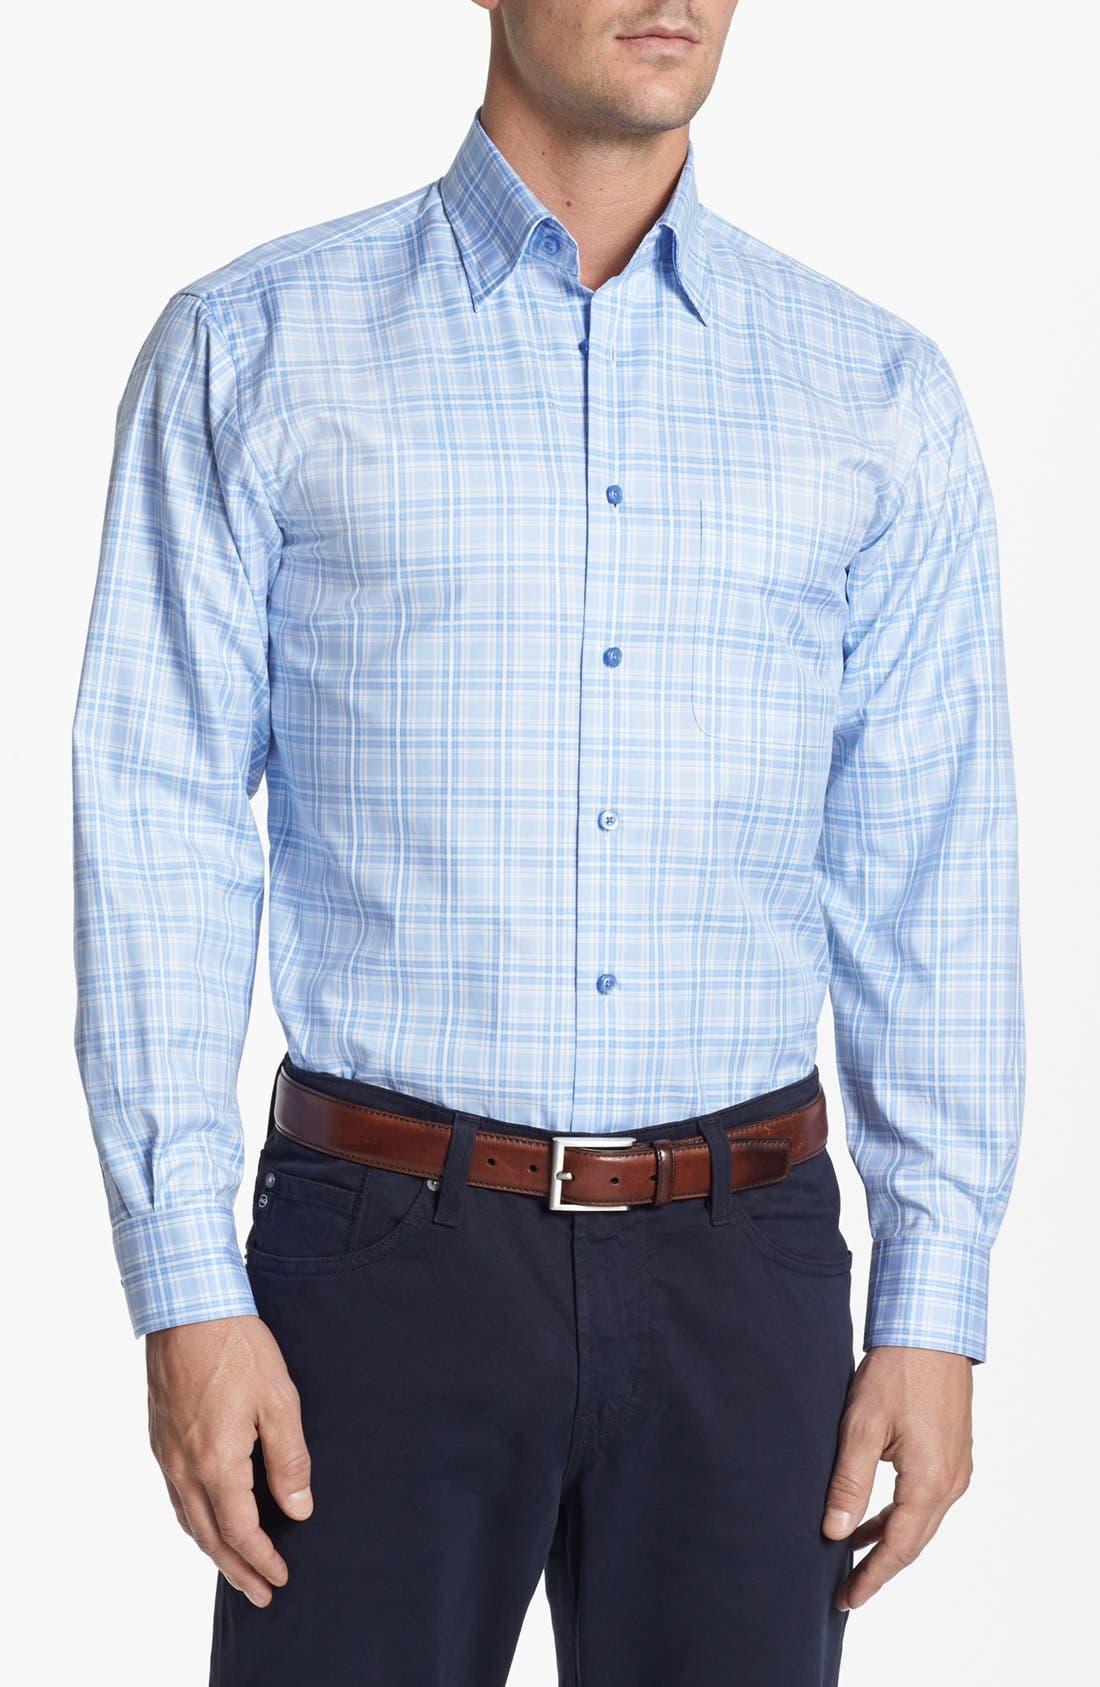 Alternate Image 1 Selected - Robert Talbott Sport Shirt